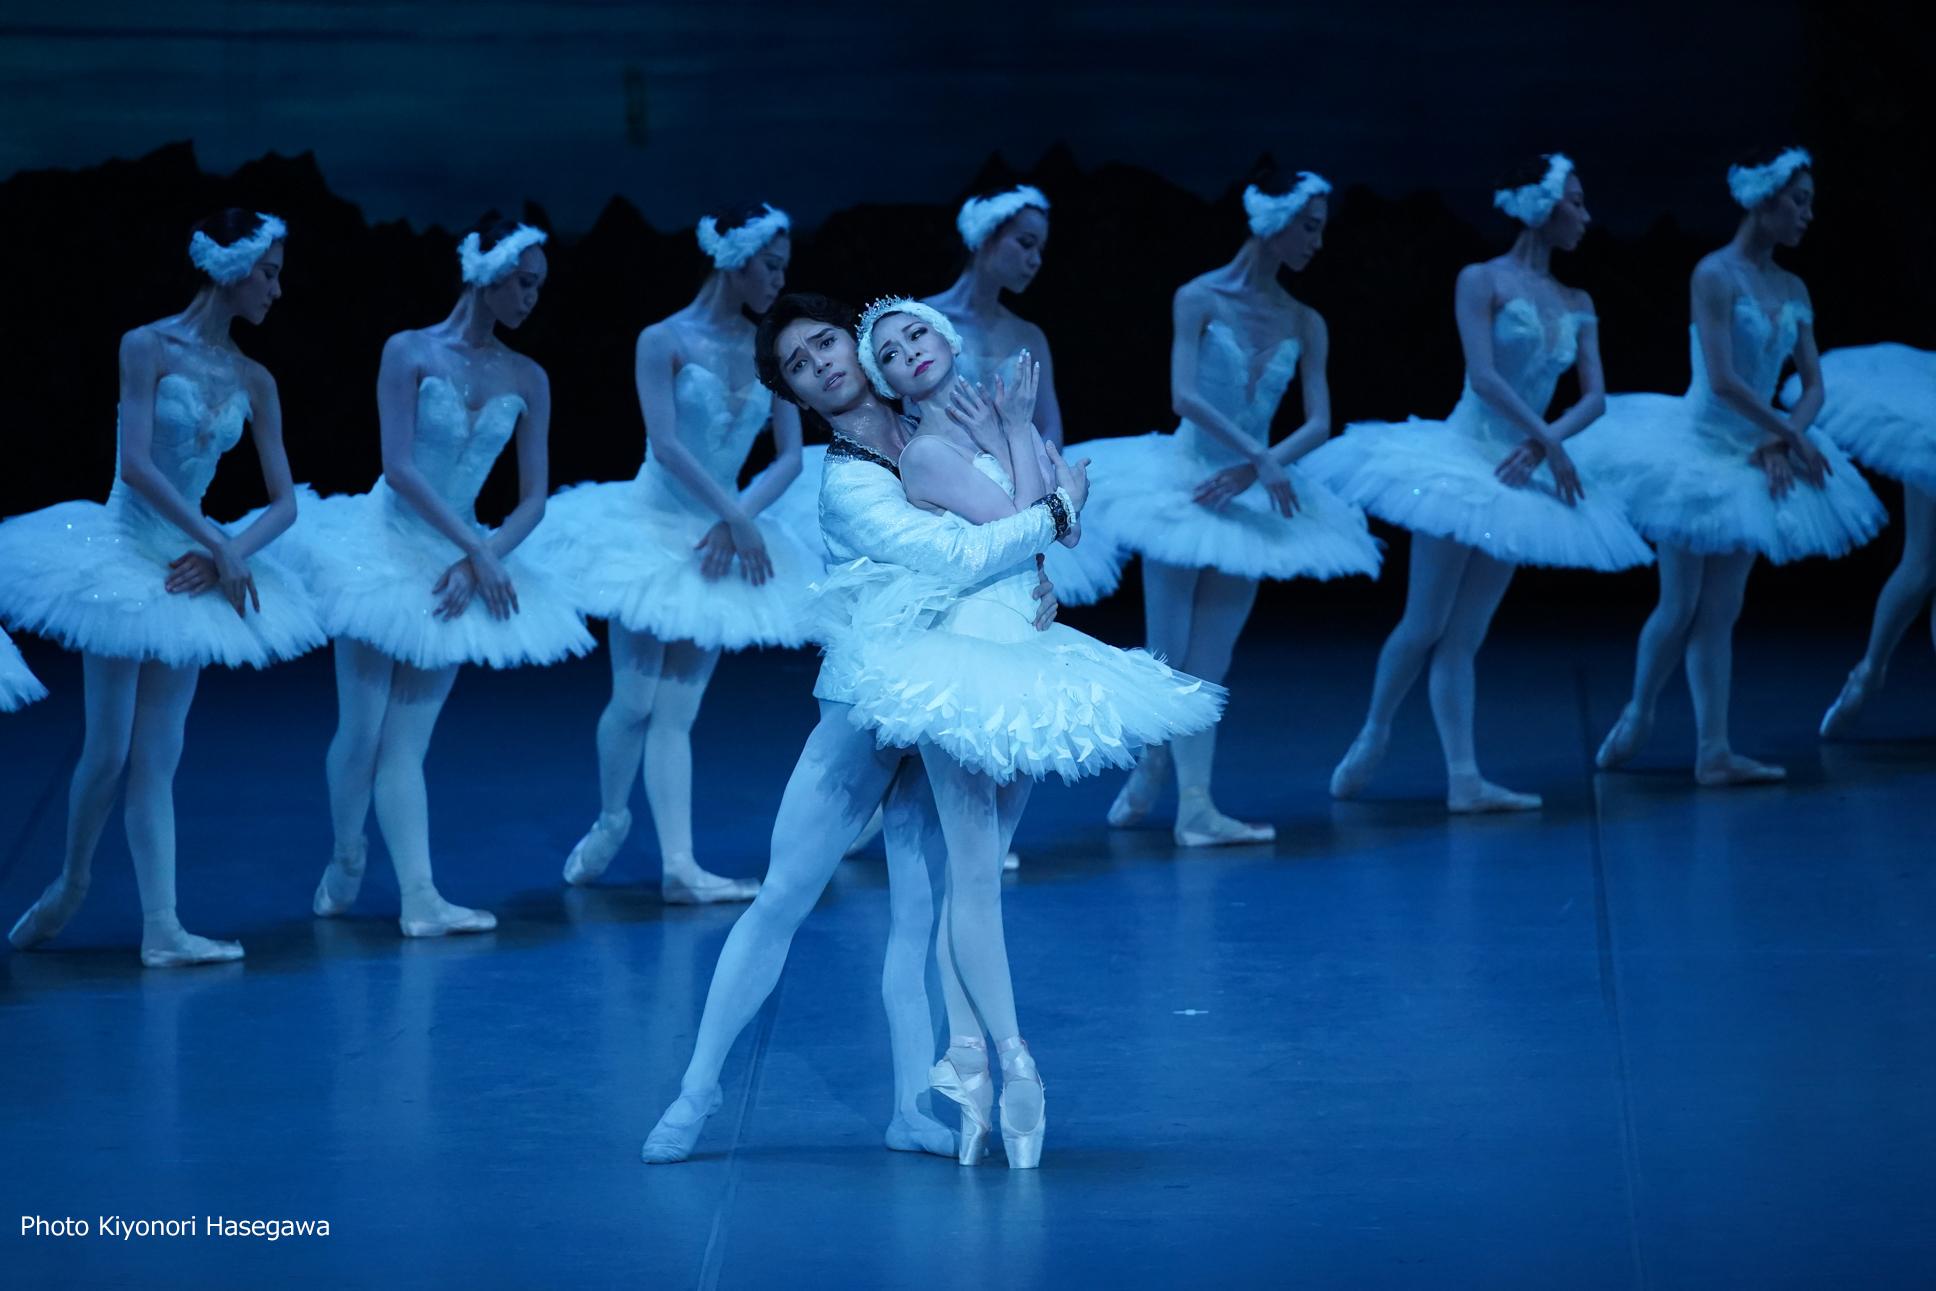 東京バレエ団 ブルメイステル版『白鳥の湖』